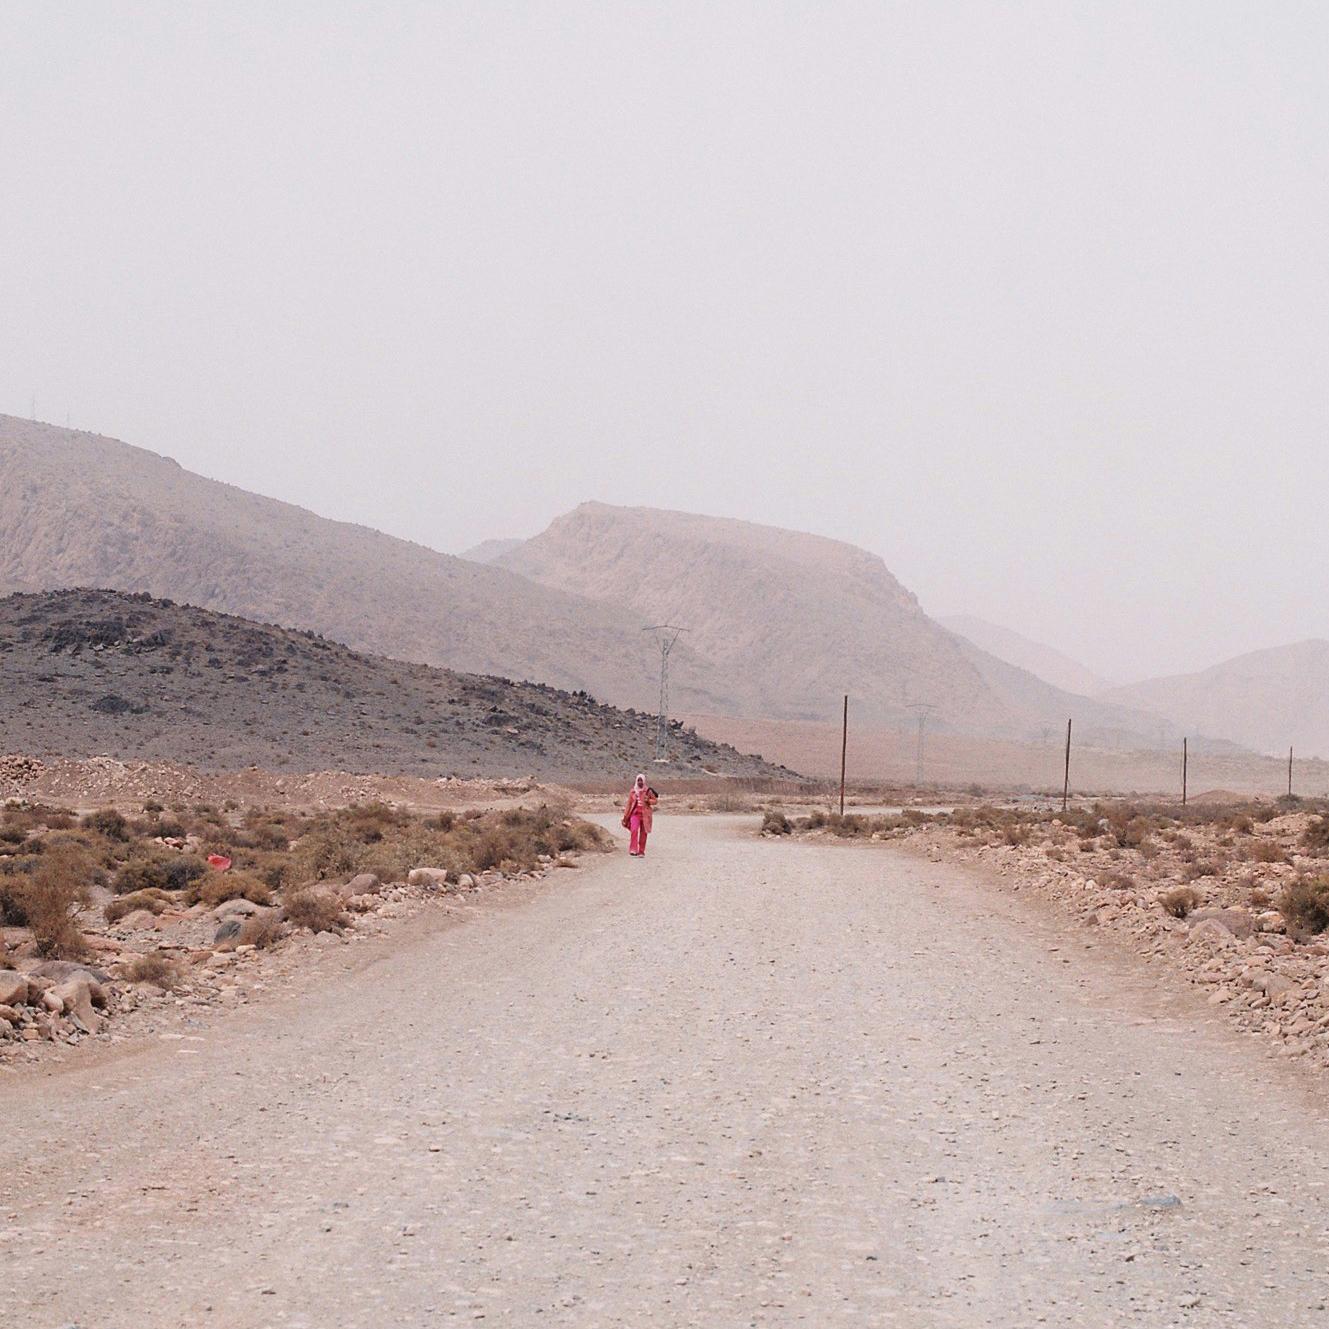 camino marruecos.jpg